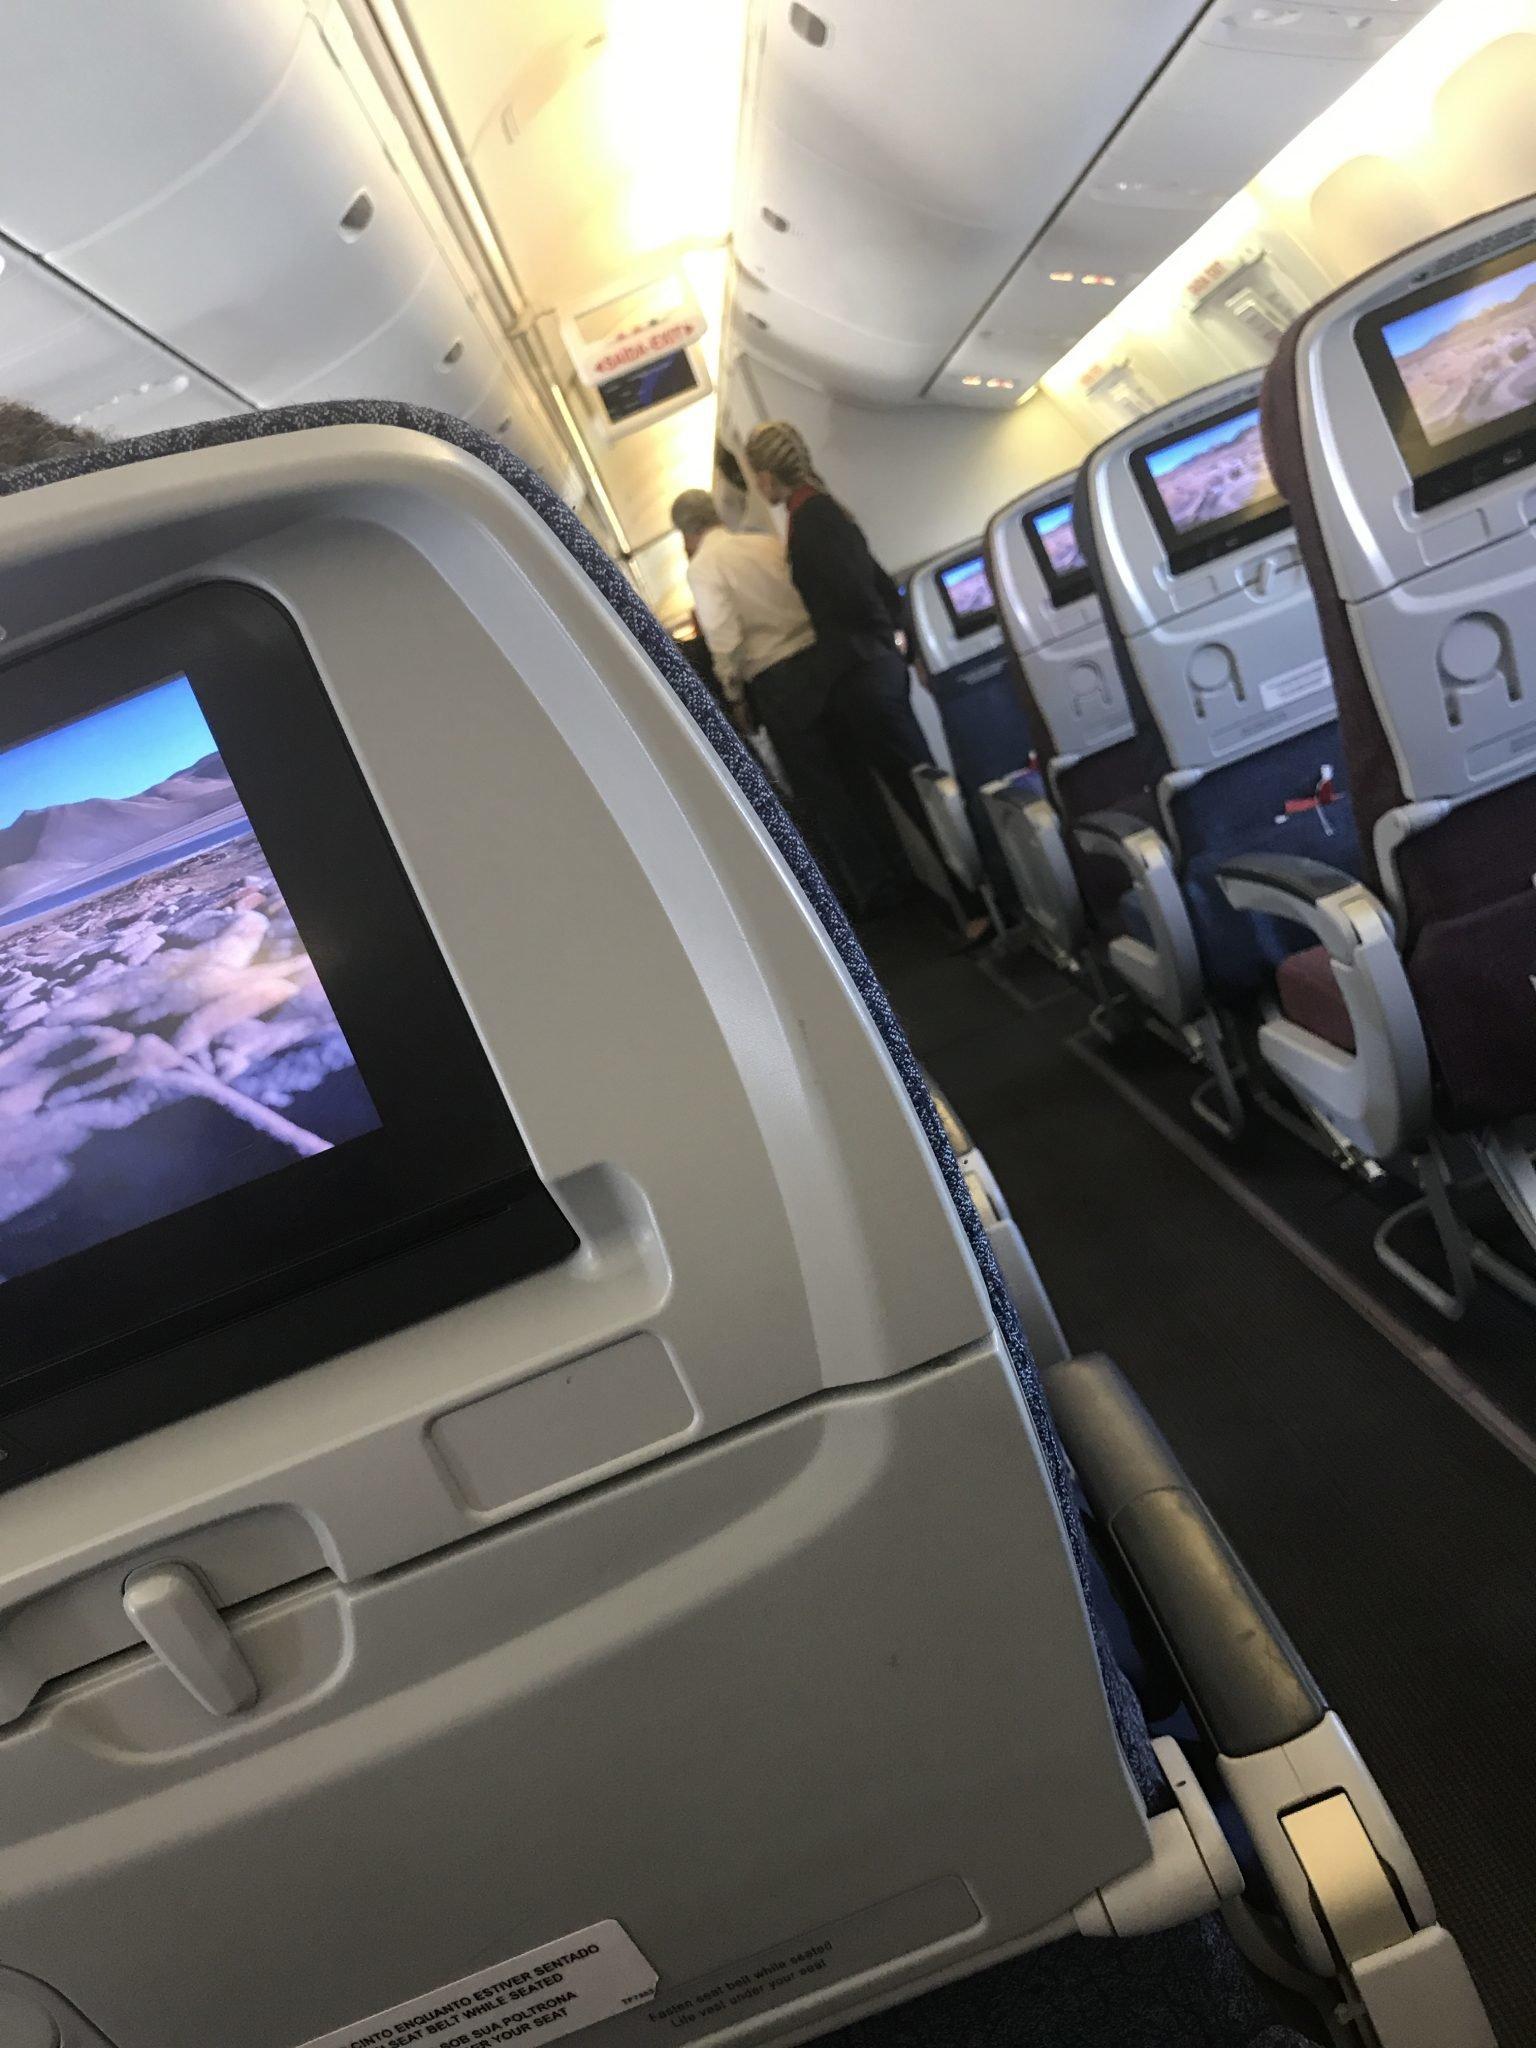 Vai viajar de avião? Fazendo uma conexão - Dicas